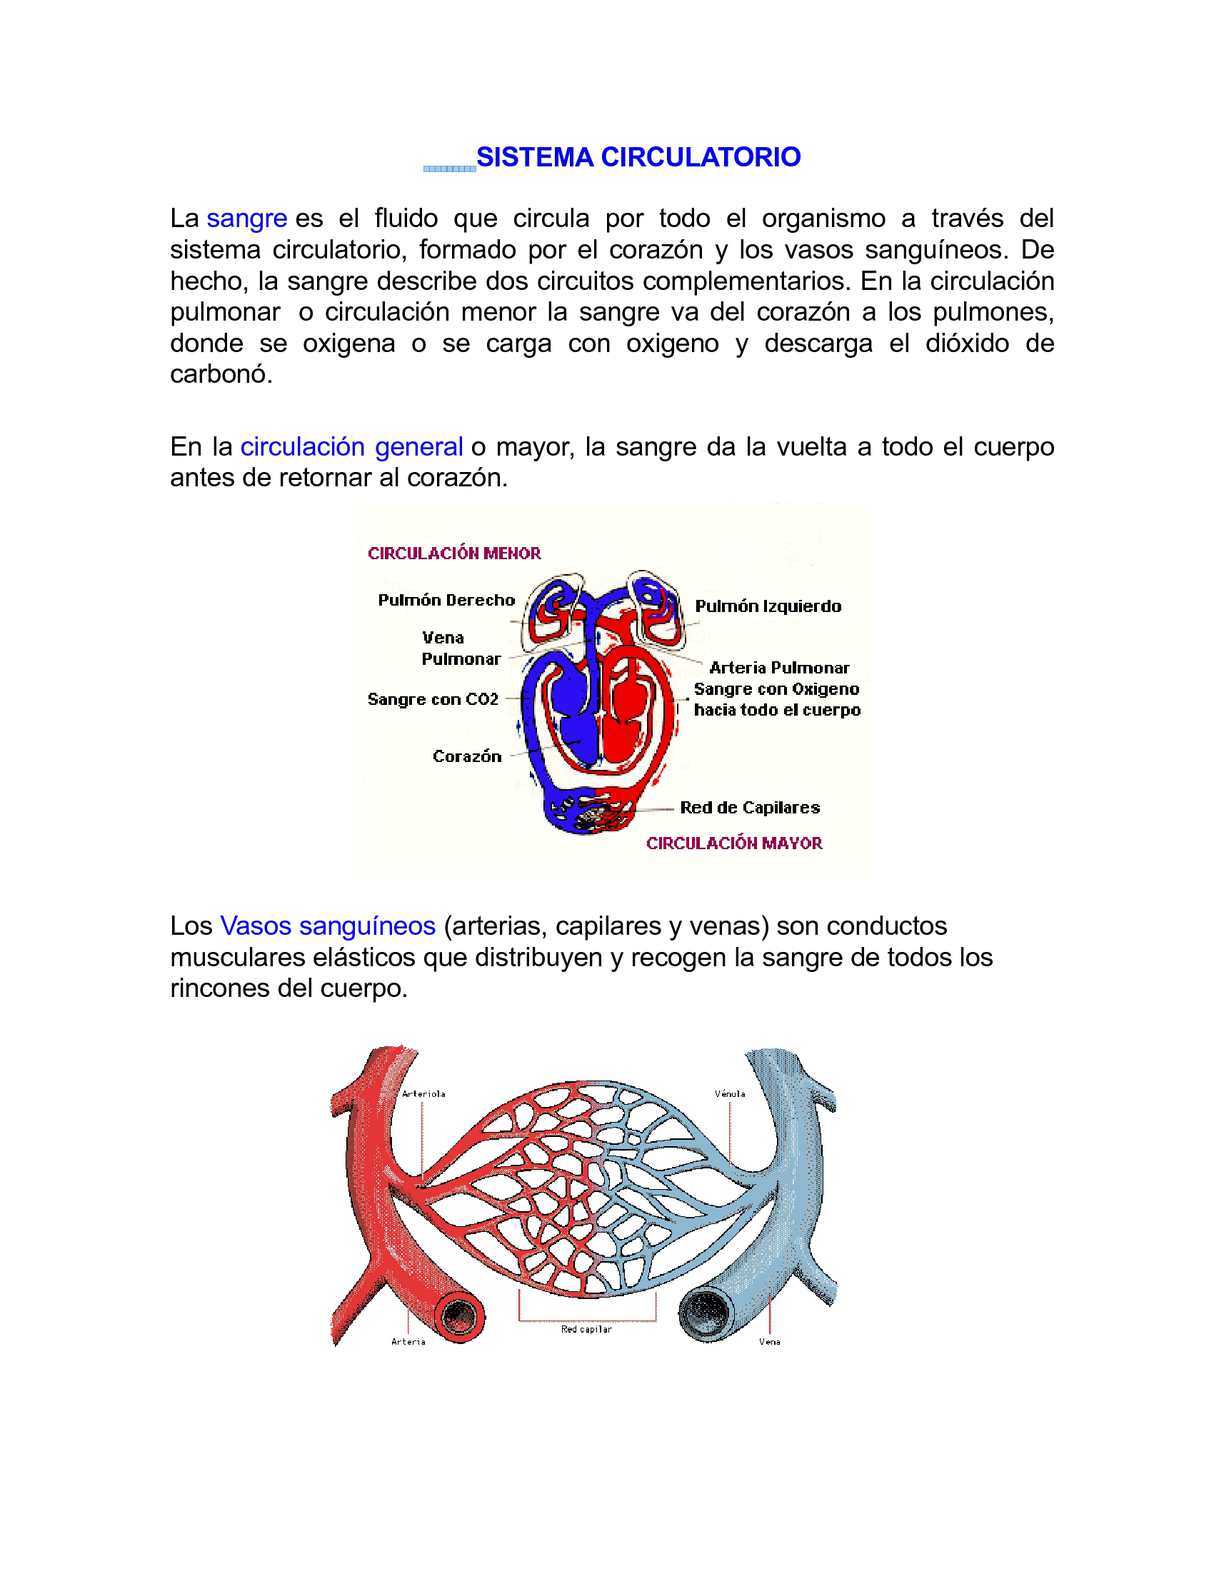 Circuito Sanguineo : Calaméo sistema circulatorio